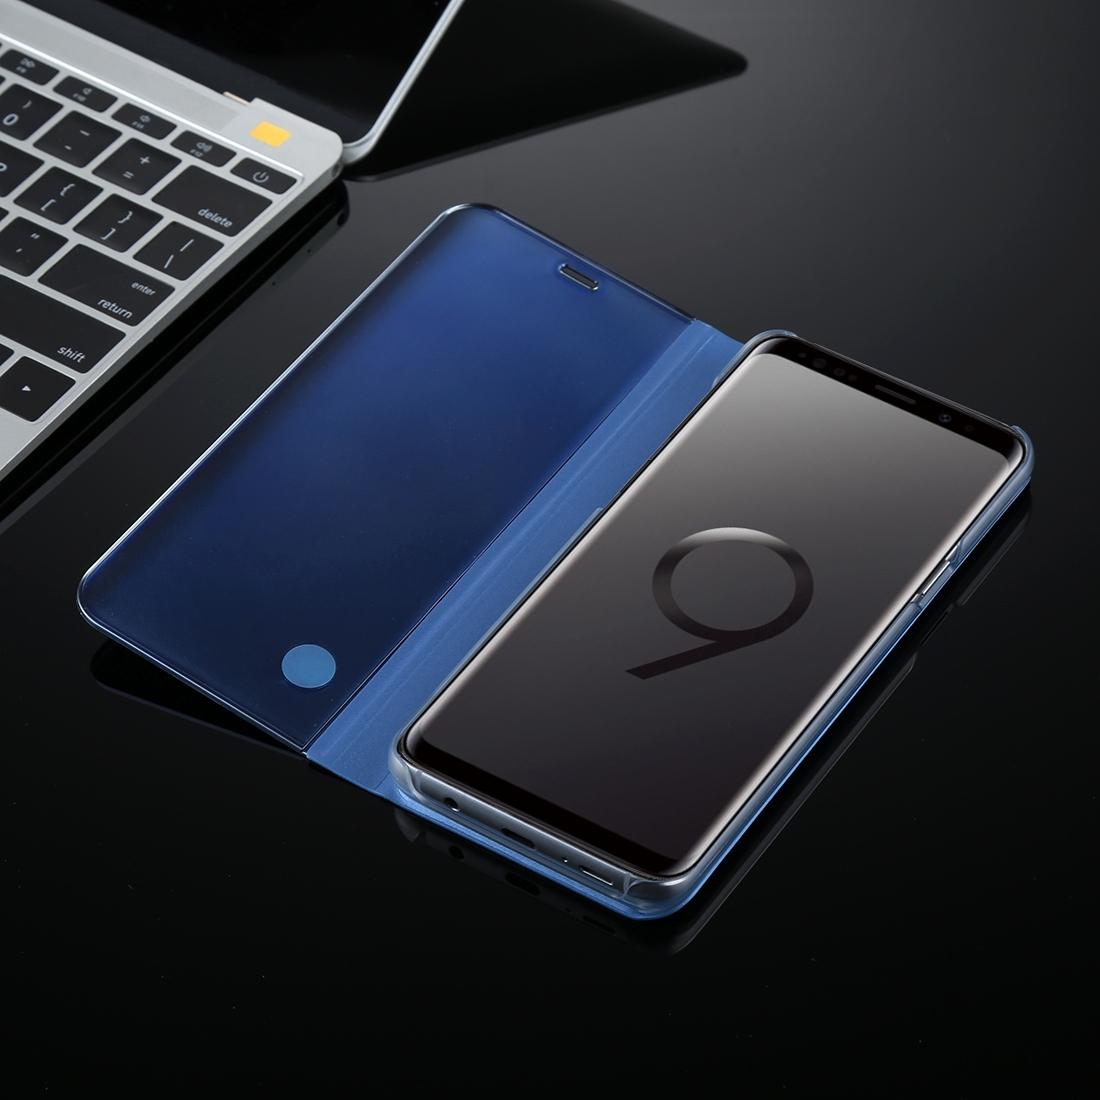 Samsung Galaxy S9 Flip 4 New Media Markt